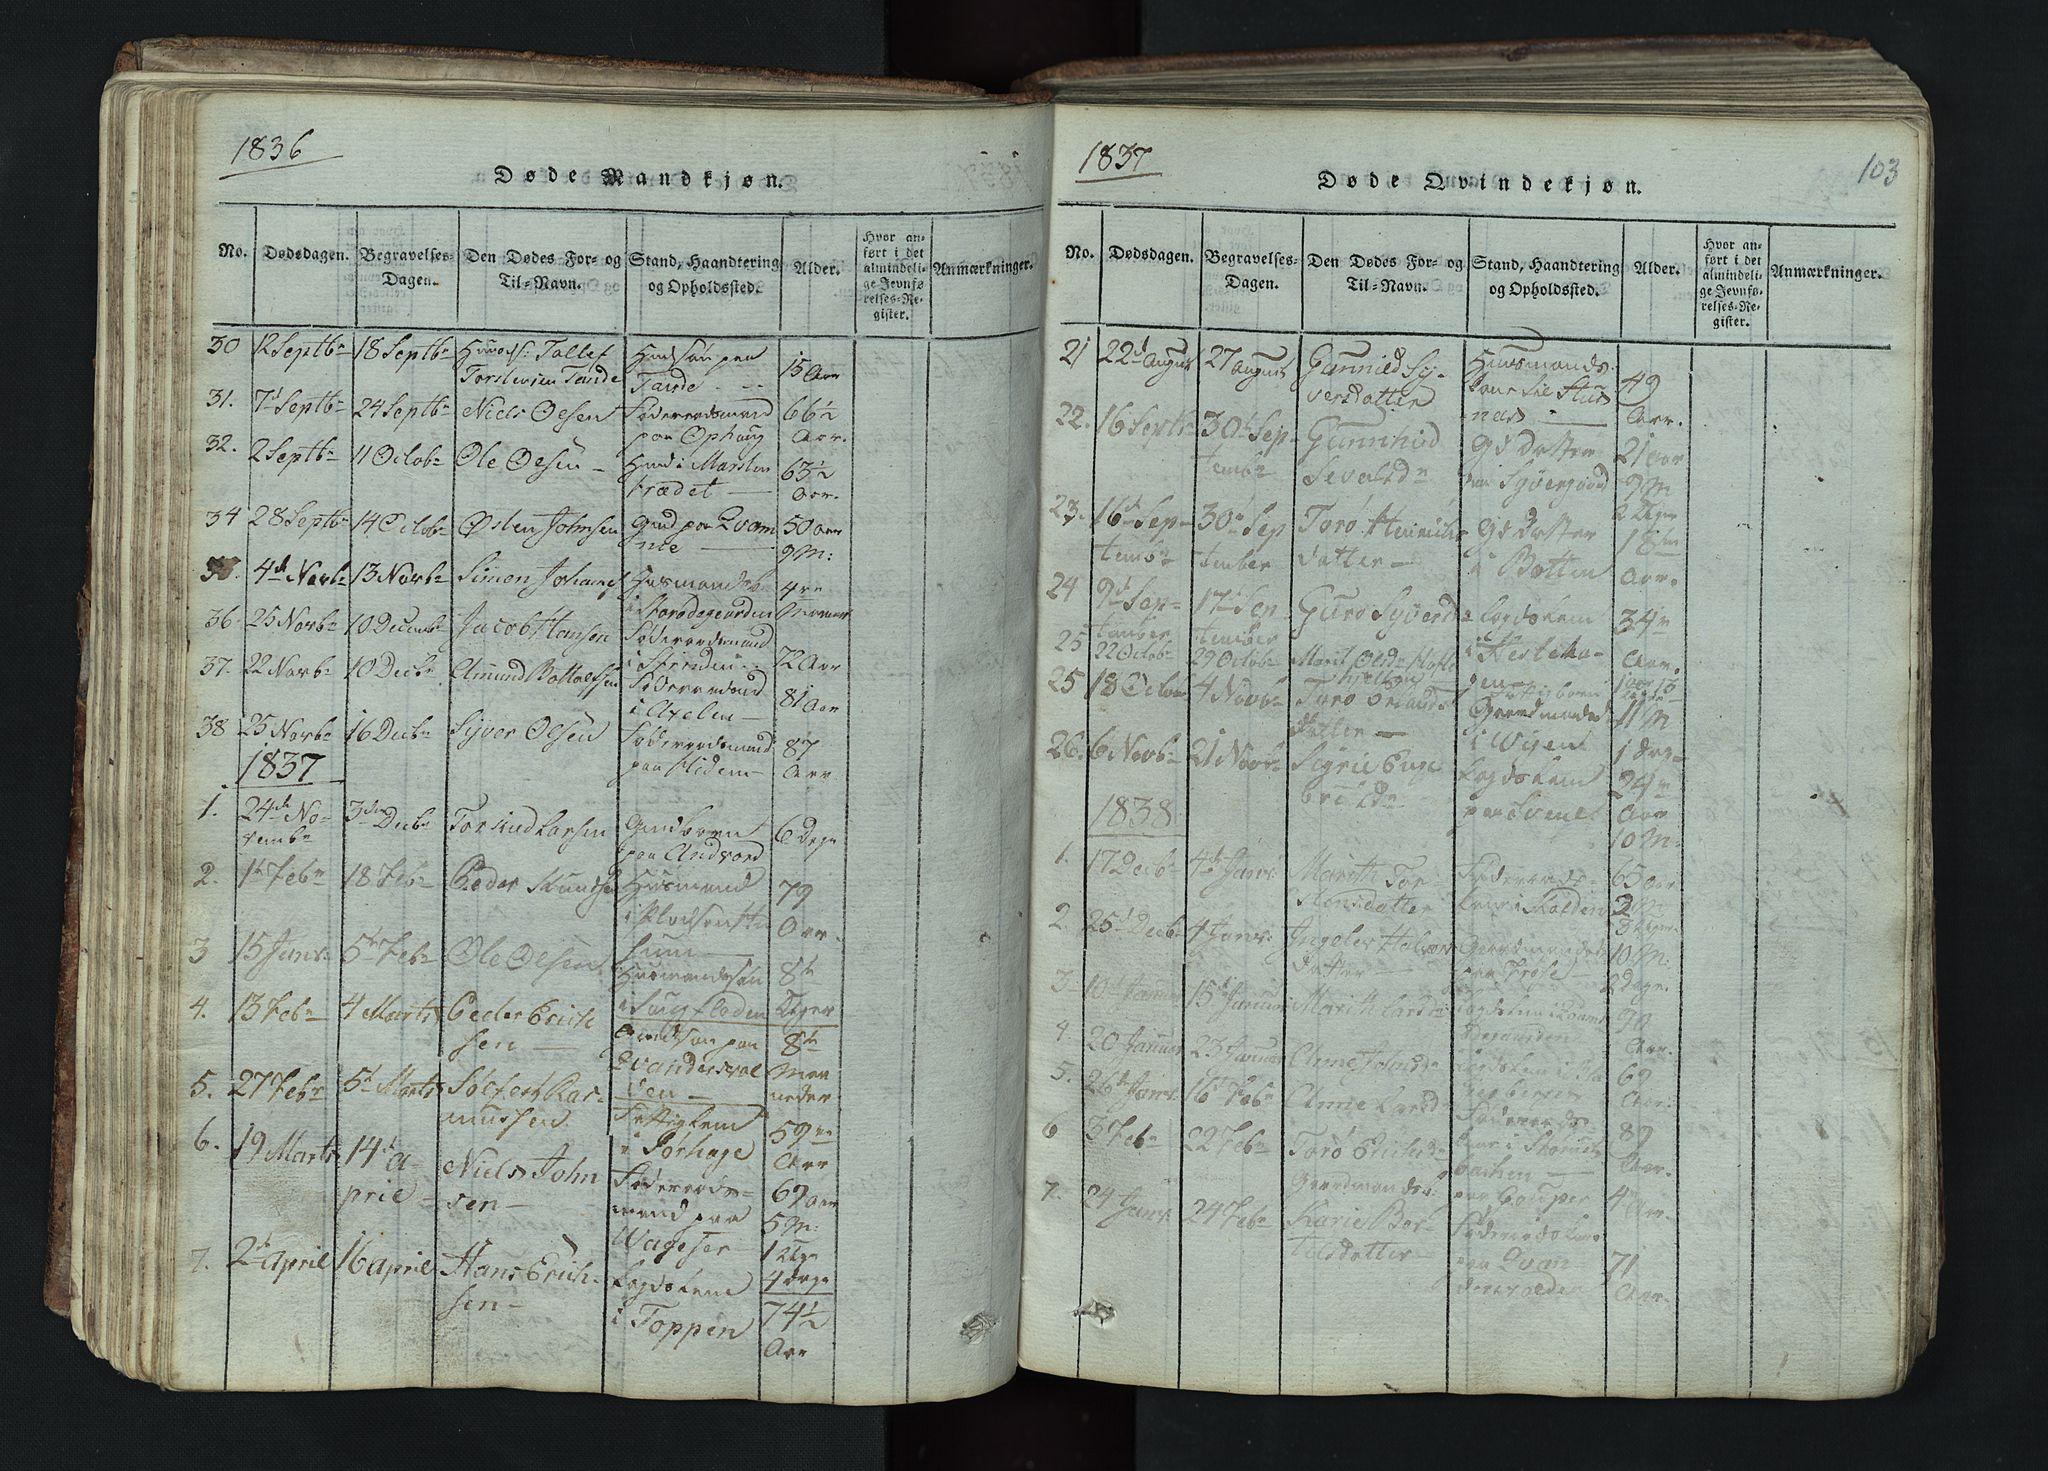 SAH, Lom prestekontor, L/L0002: Klokkerbok nr. 2, 1815-1844, s. 103